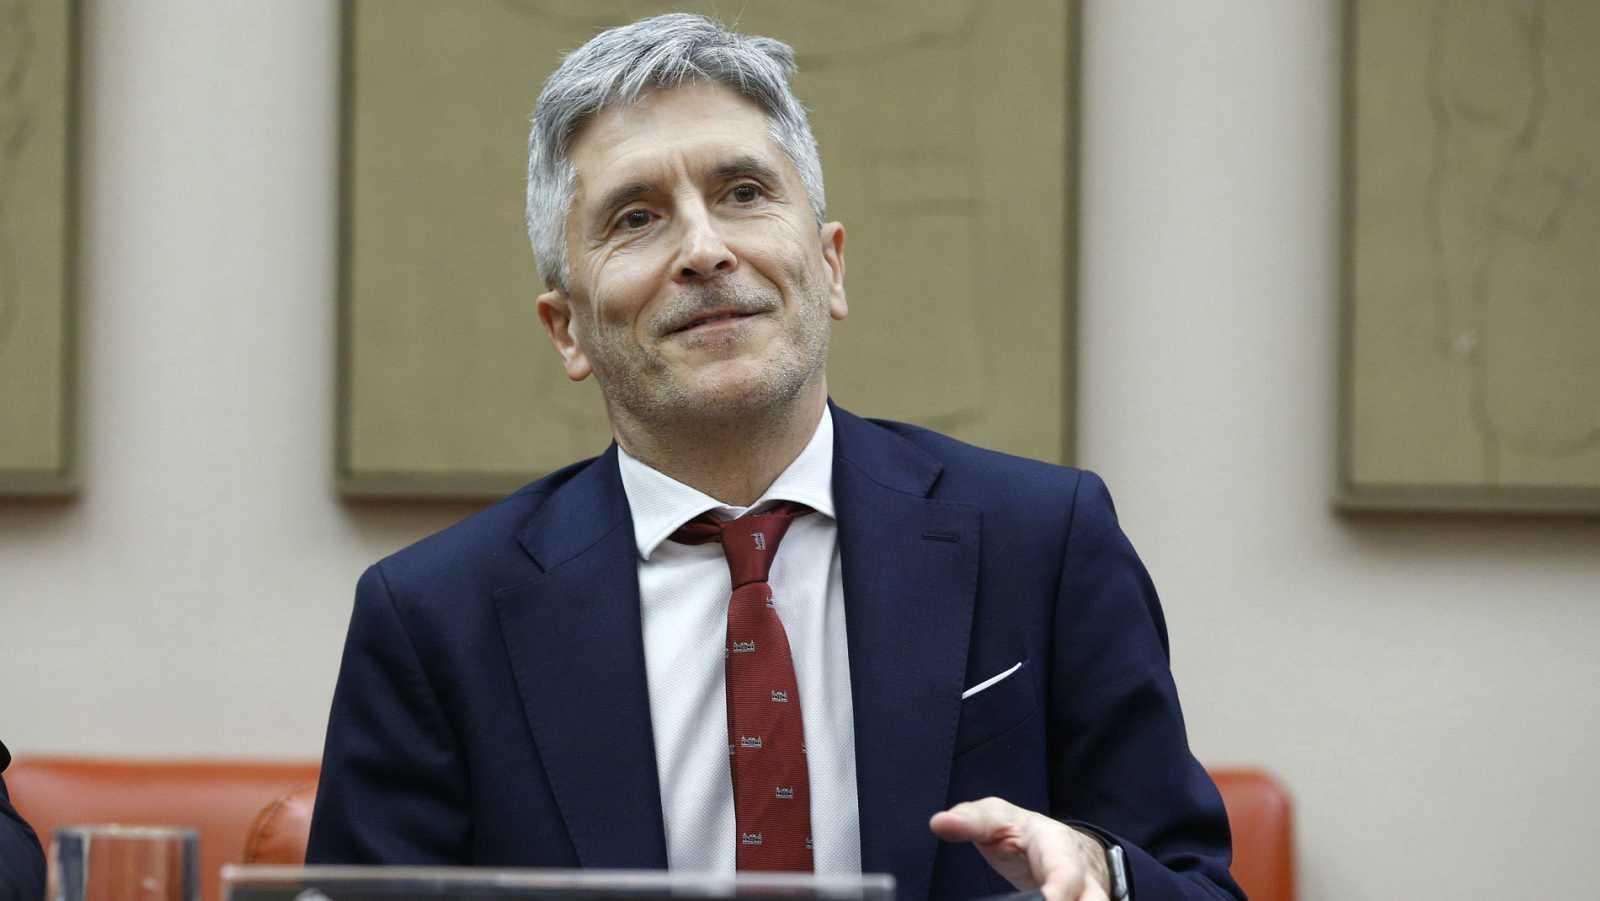 El ministro del Interior, Fernando Grande-Marlaska, al inicio de su primera comparecencia de la legislatura en las comisiones del Congreso.